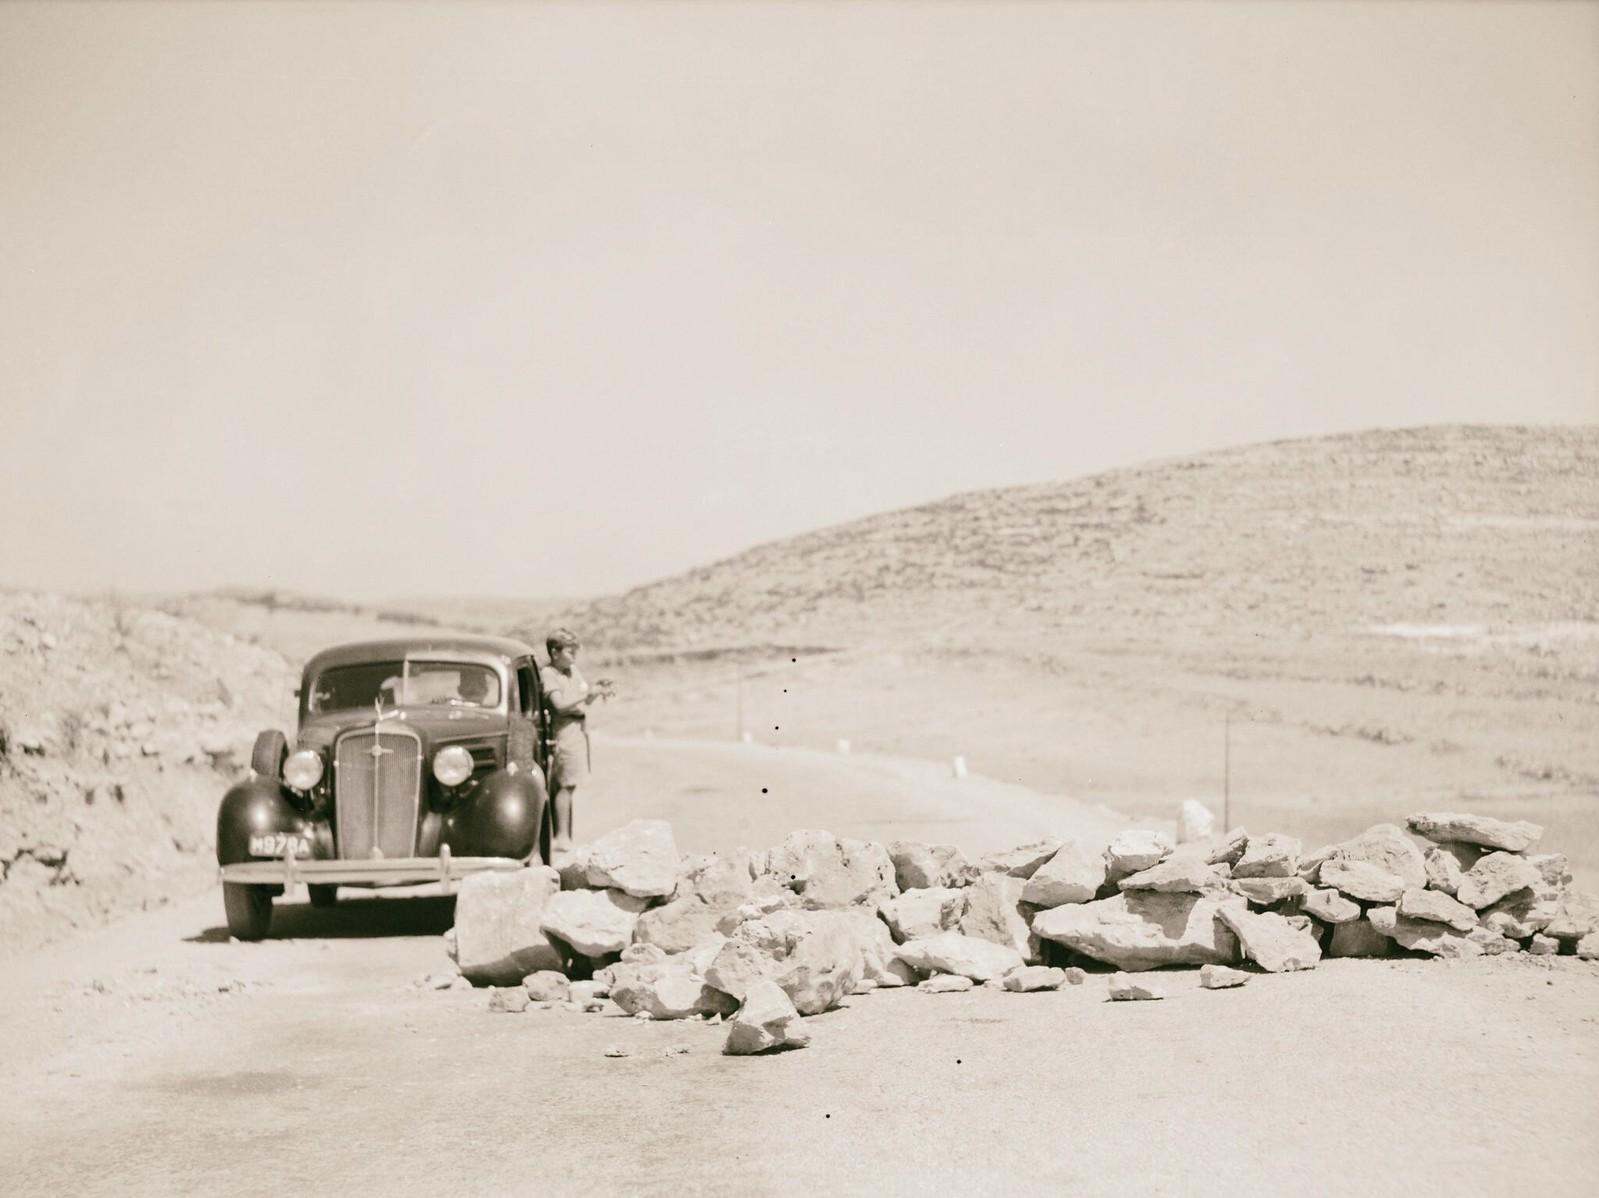 11. 1938. Огромные валуны на Хевронском шоссе, заложенные арабскими бандами для уничтожения полицейских и военных машин